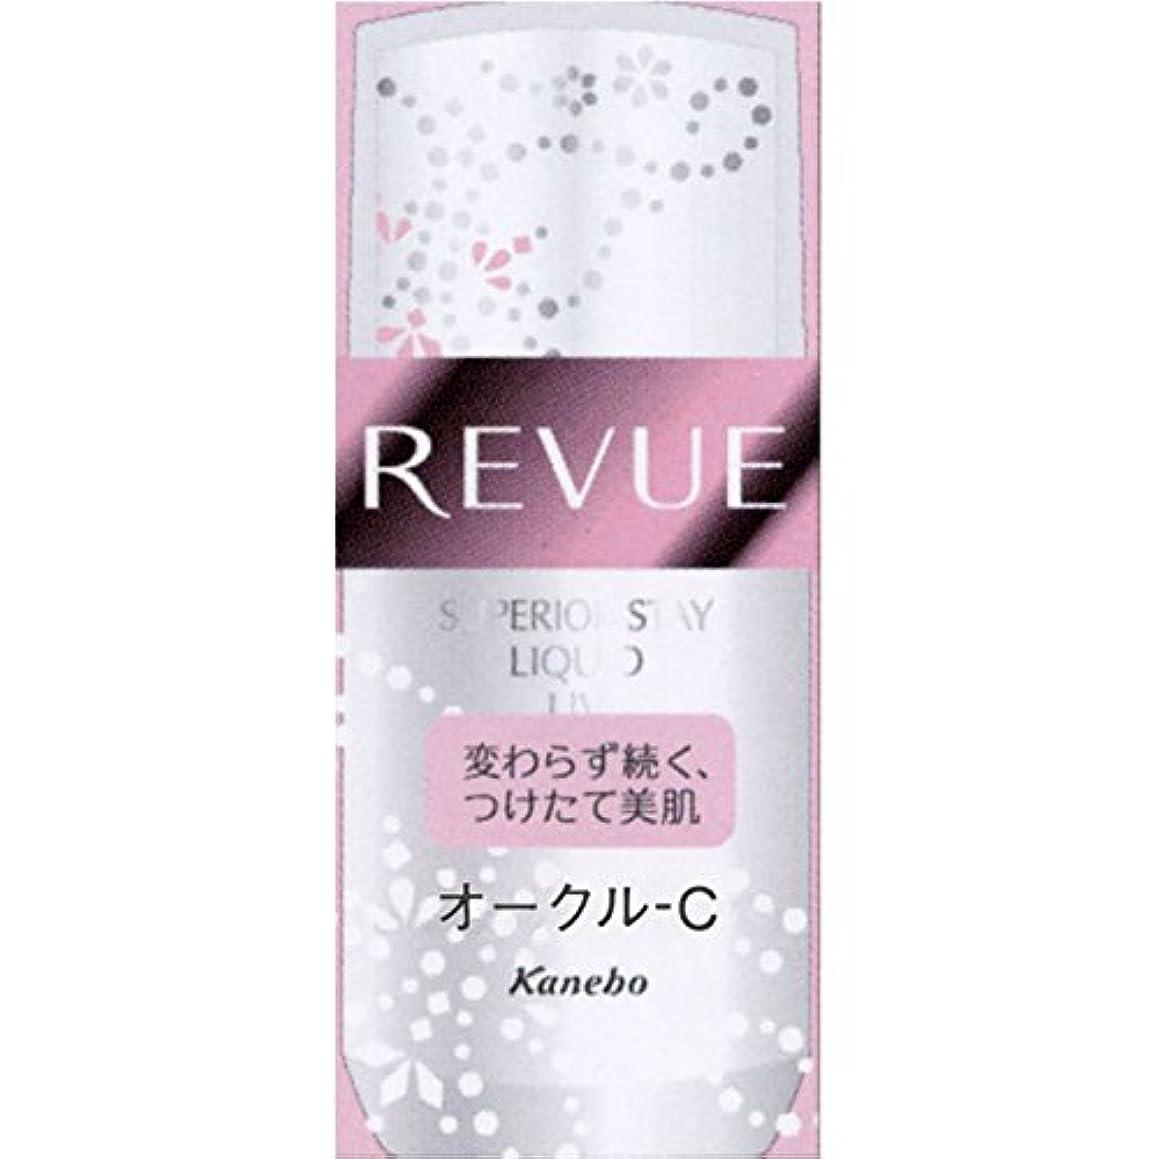 じゃない粘液種をまくカネボウレヴュー(REVUE)スーペリアステイリクイドUVn  カラー:オークルC